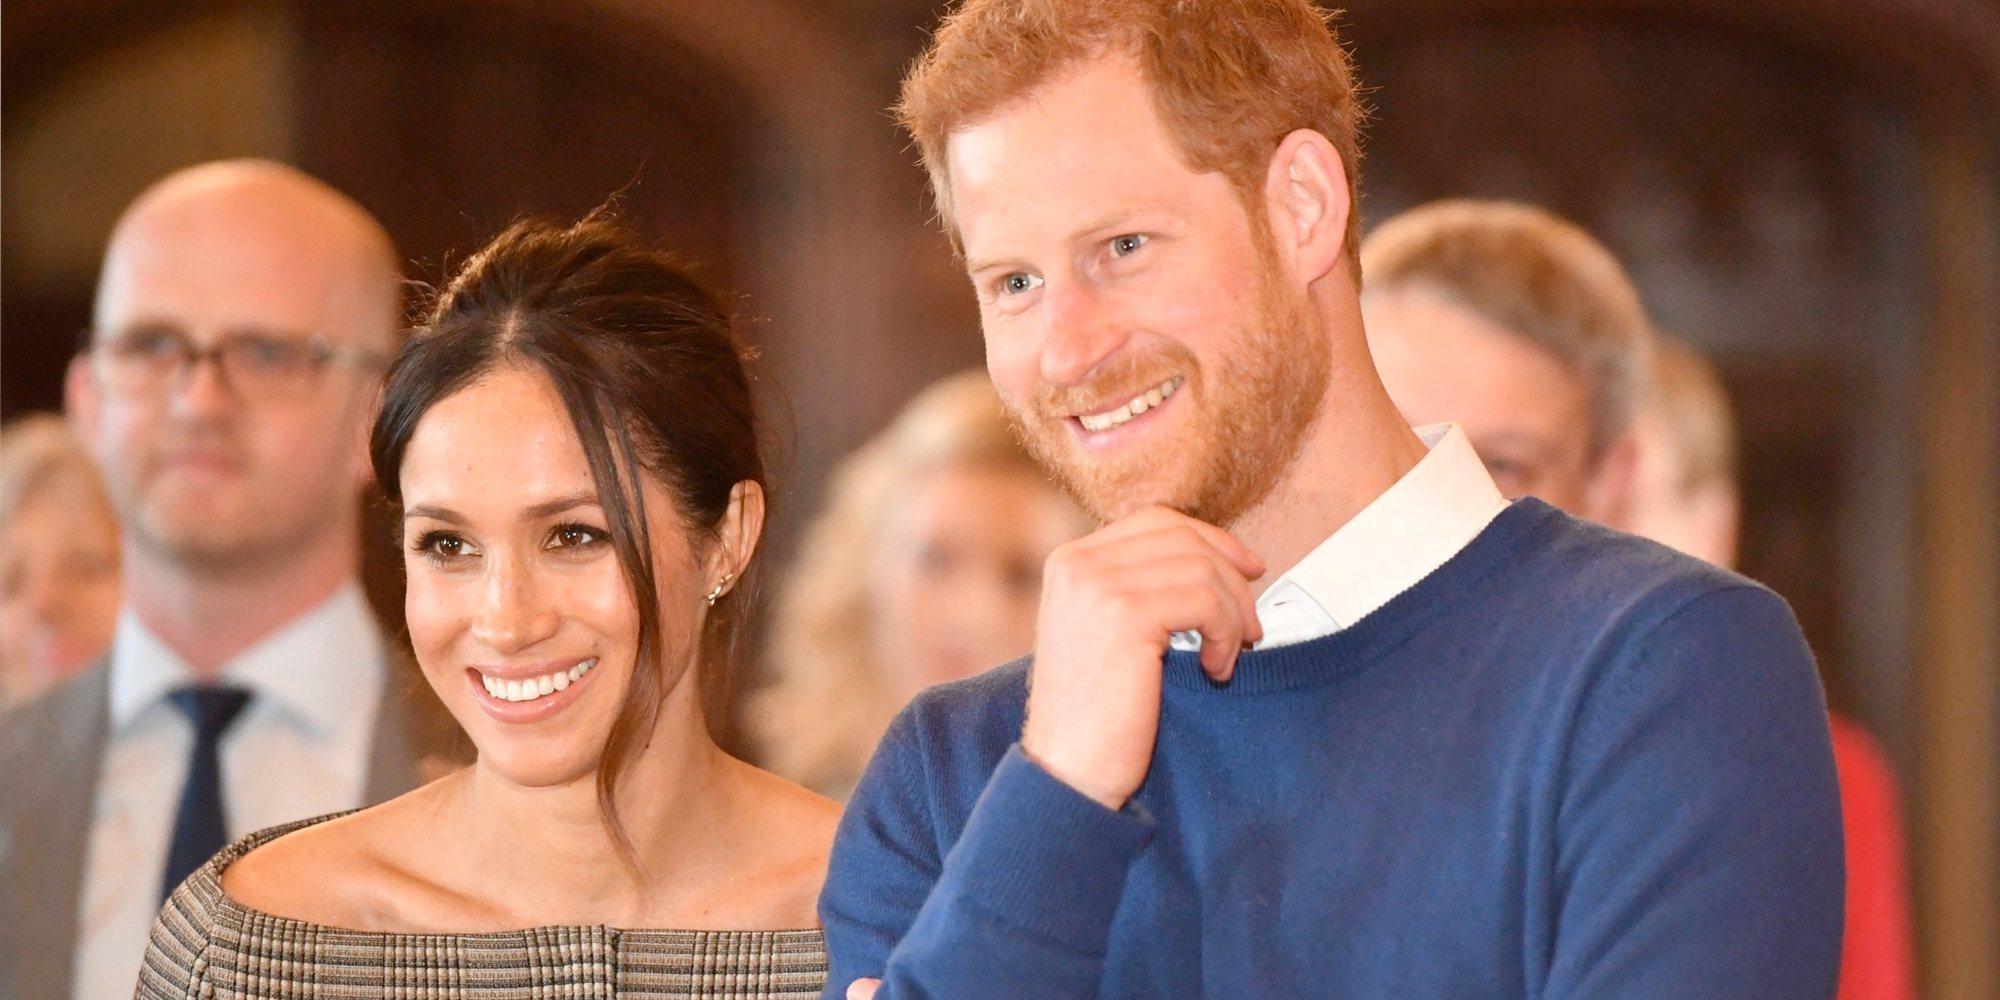 El primer proyecto del Príncipe Harry y Meghan Markle con Netflix: en preproducción y con gran expectación